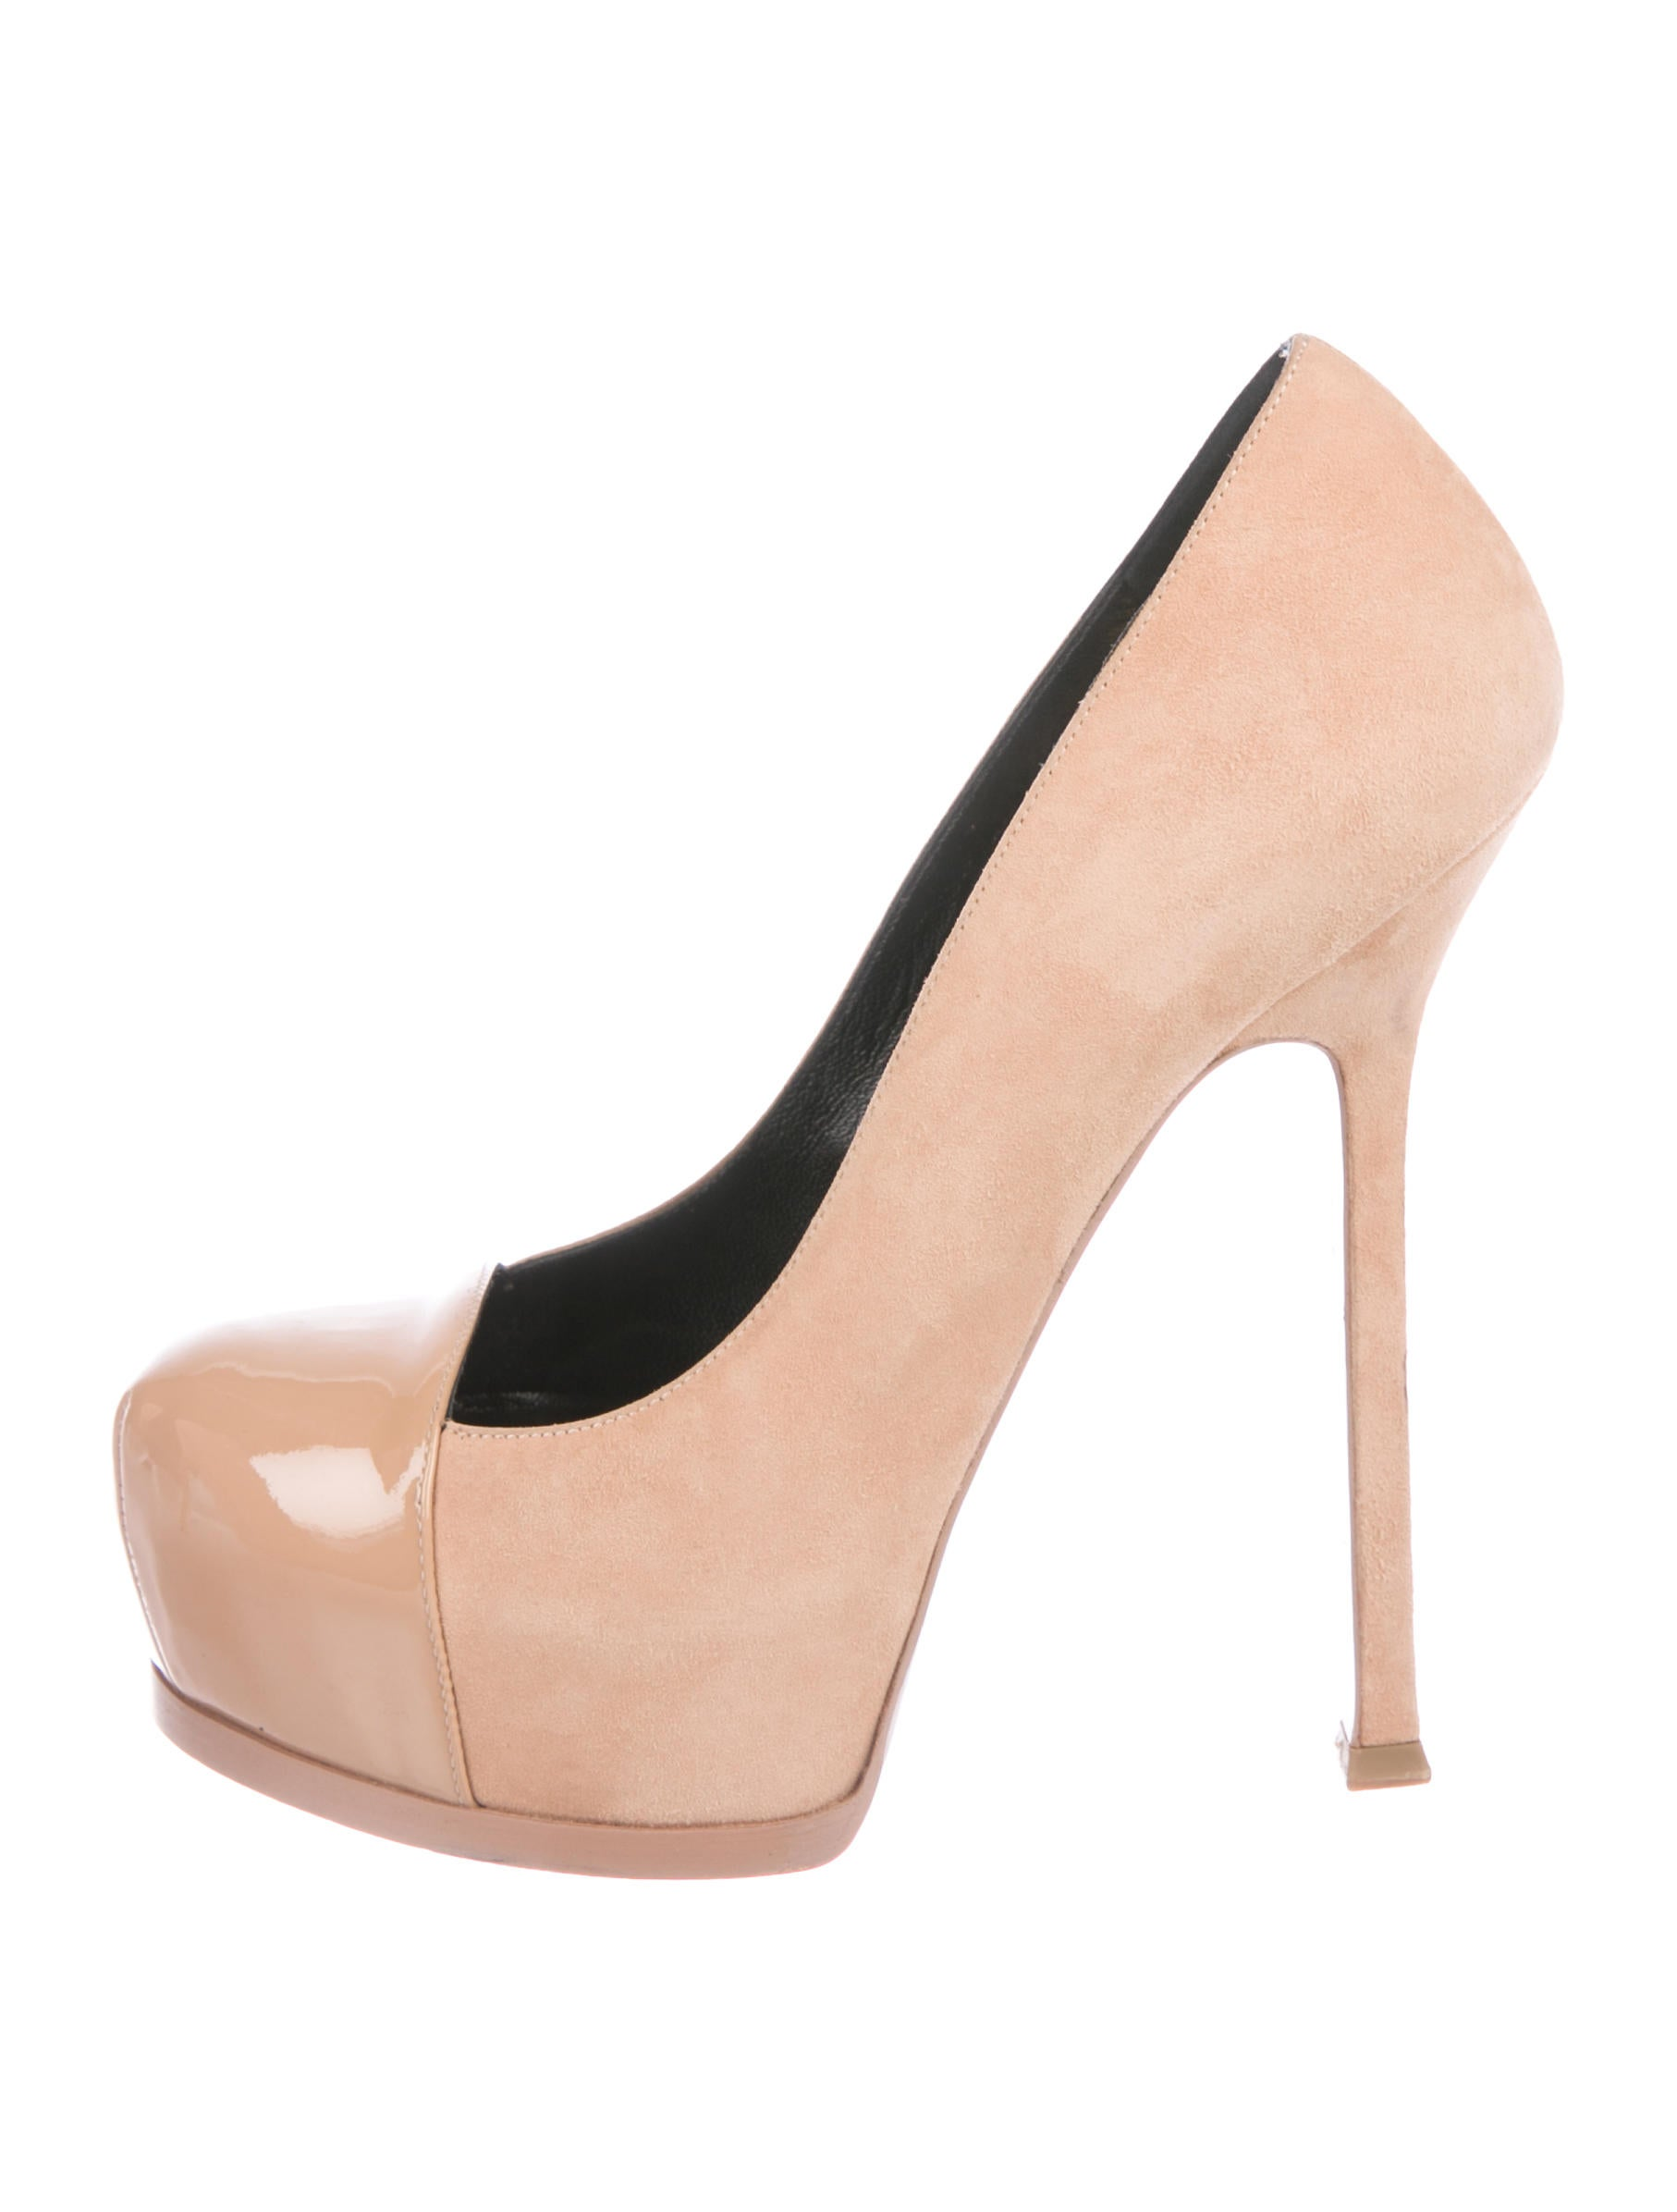 ebbe9a14cf0 Saint Laurent Yves Saint Laurent Tribute Two Platform Pumps - Shoes ...